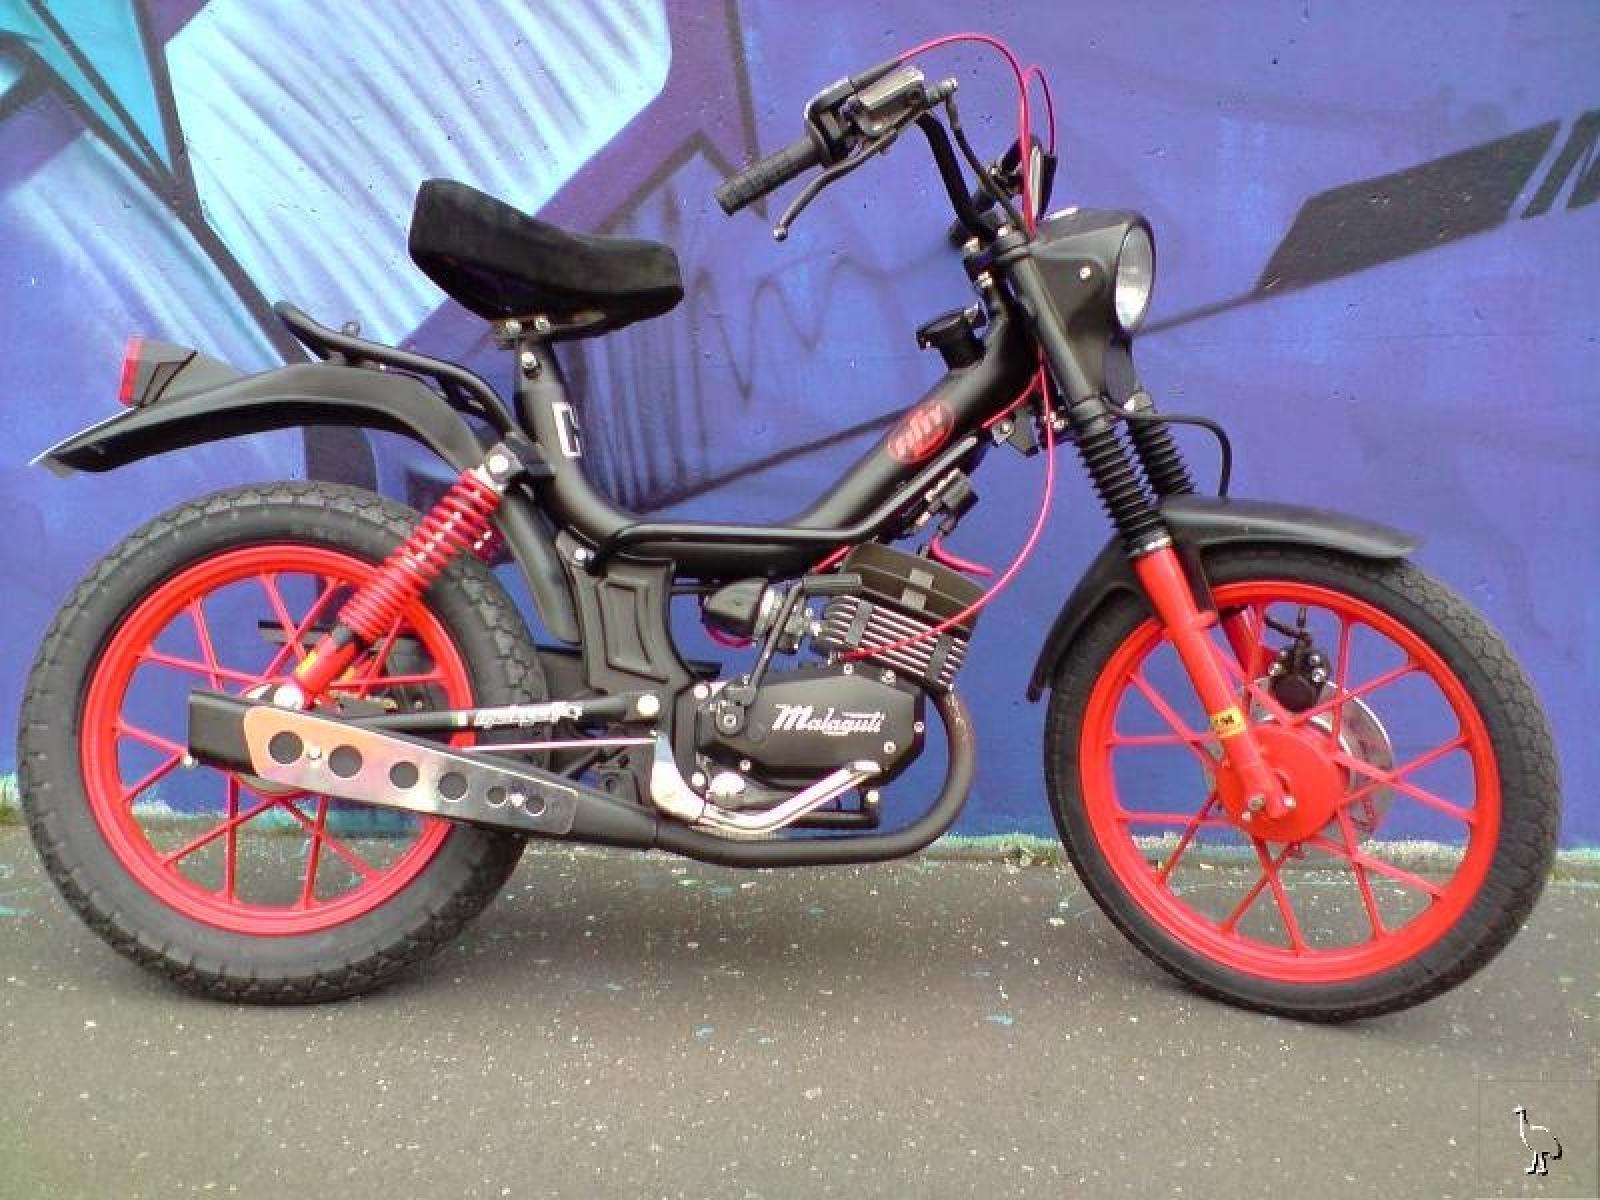 1991 Malaguti Fifty HF Mix 50 - Moto.ZombDrive.COM